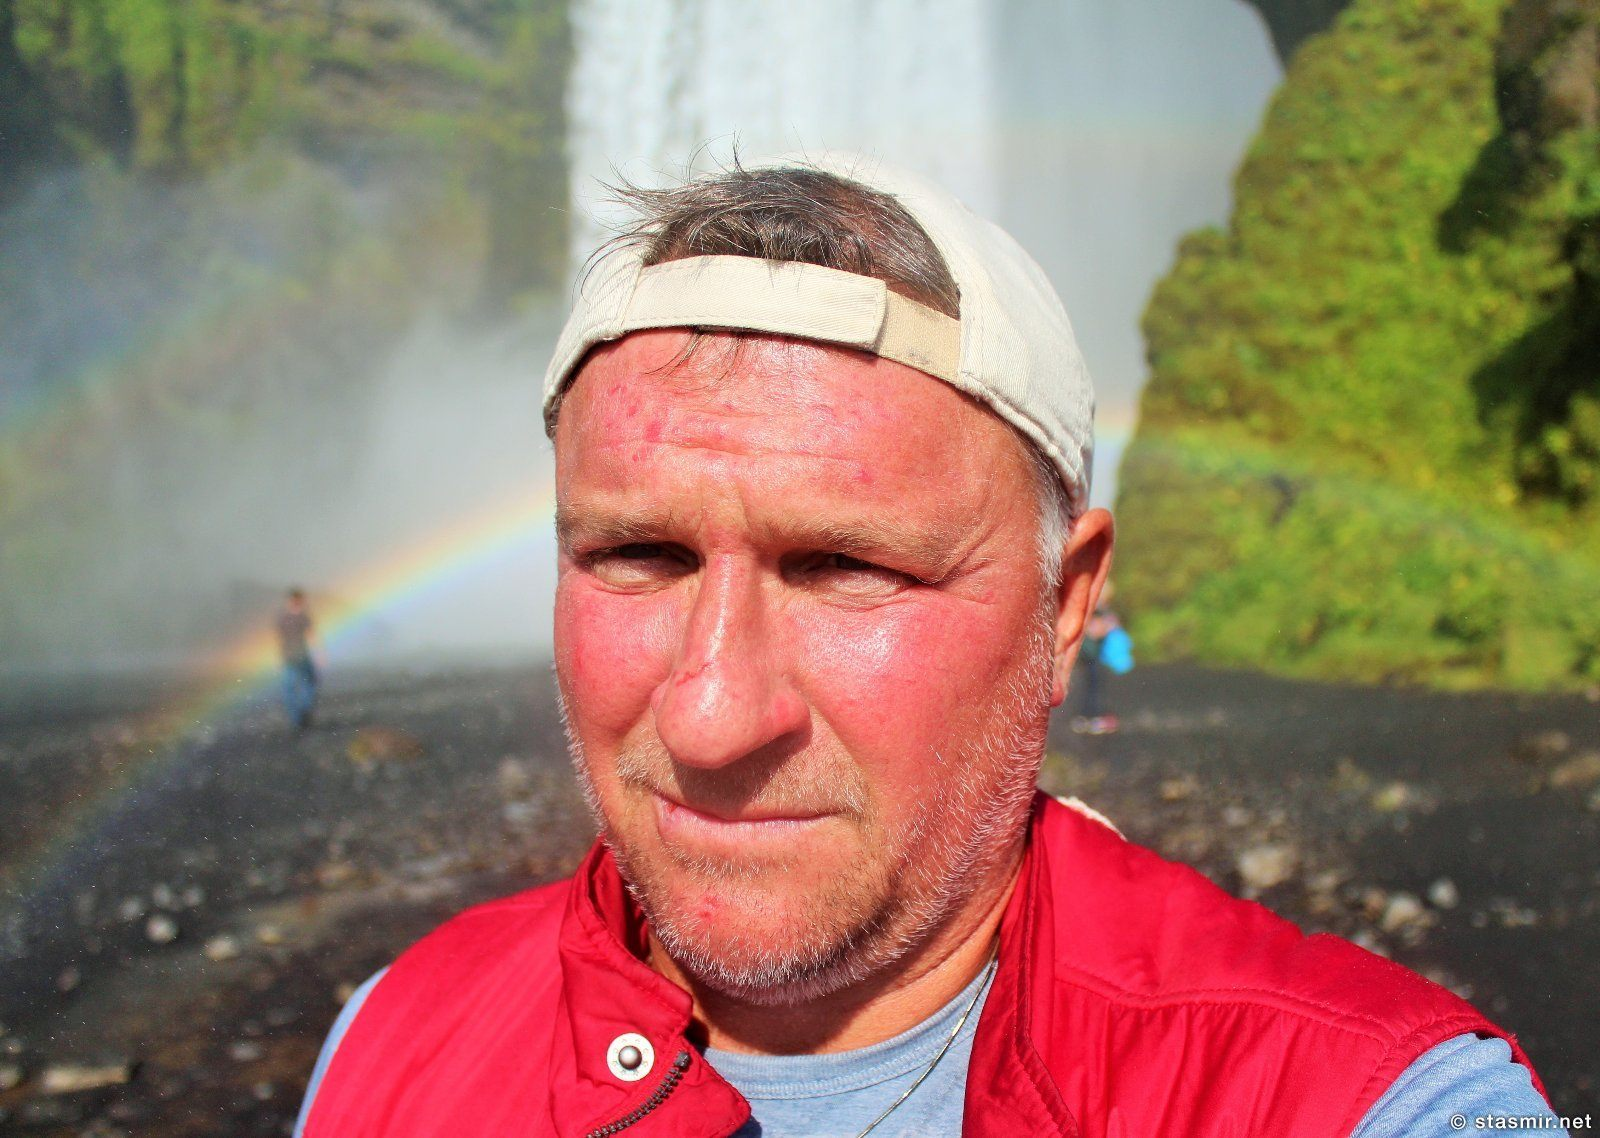 фото Стасмир, водопад, Южный Берег Исландии